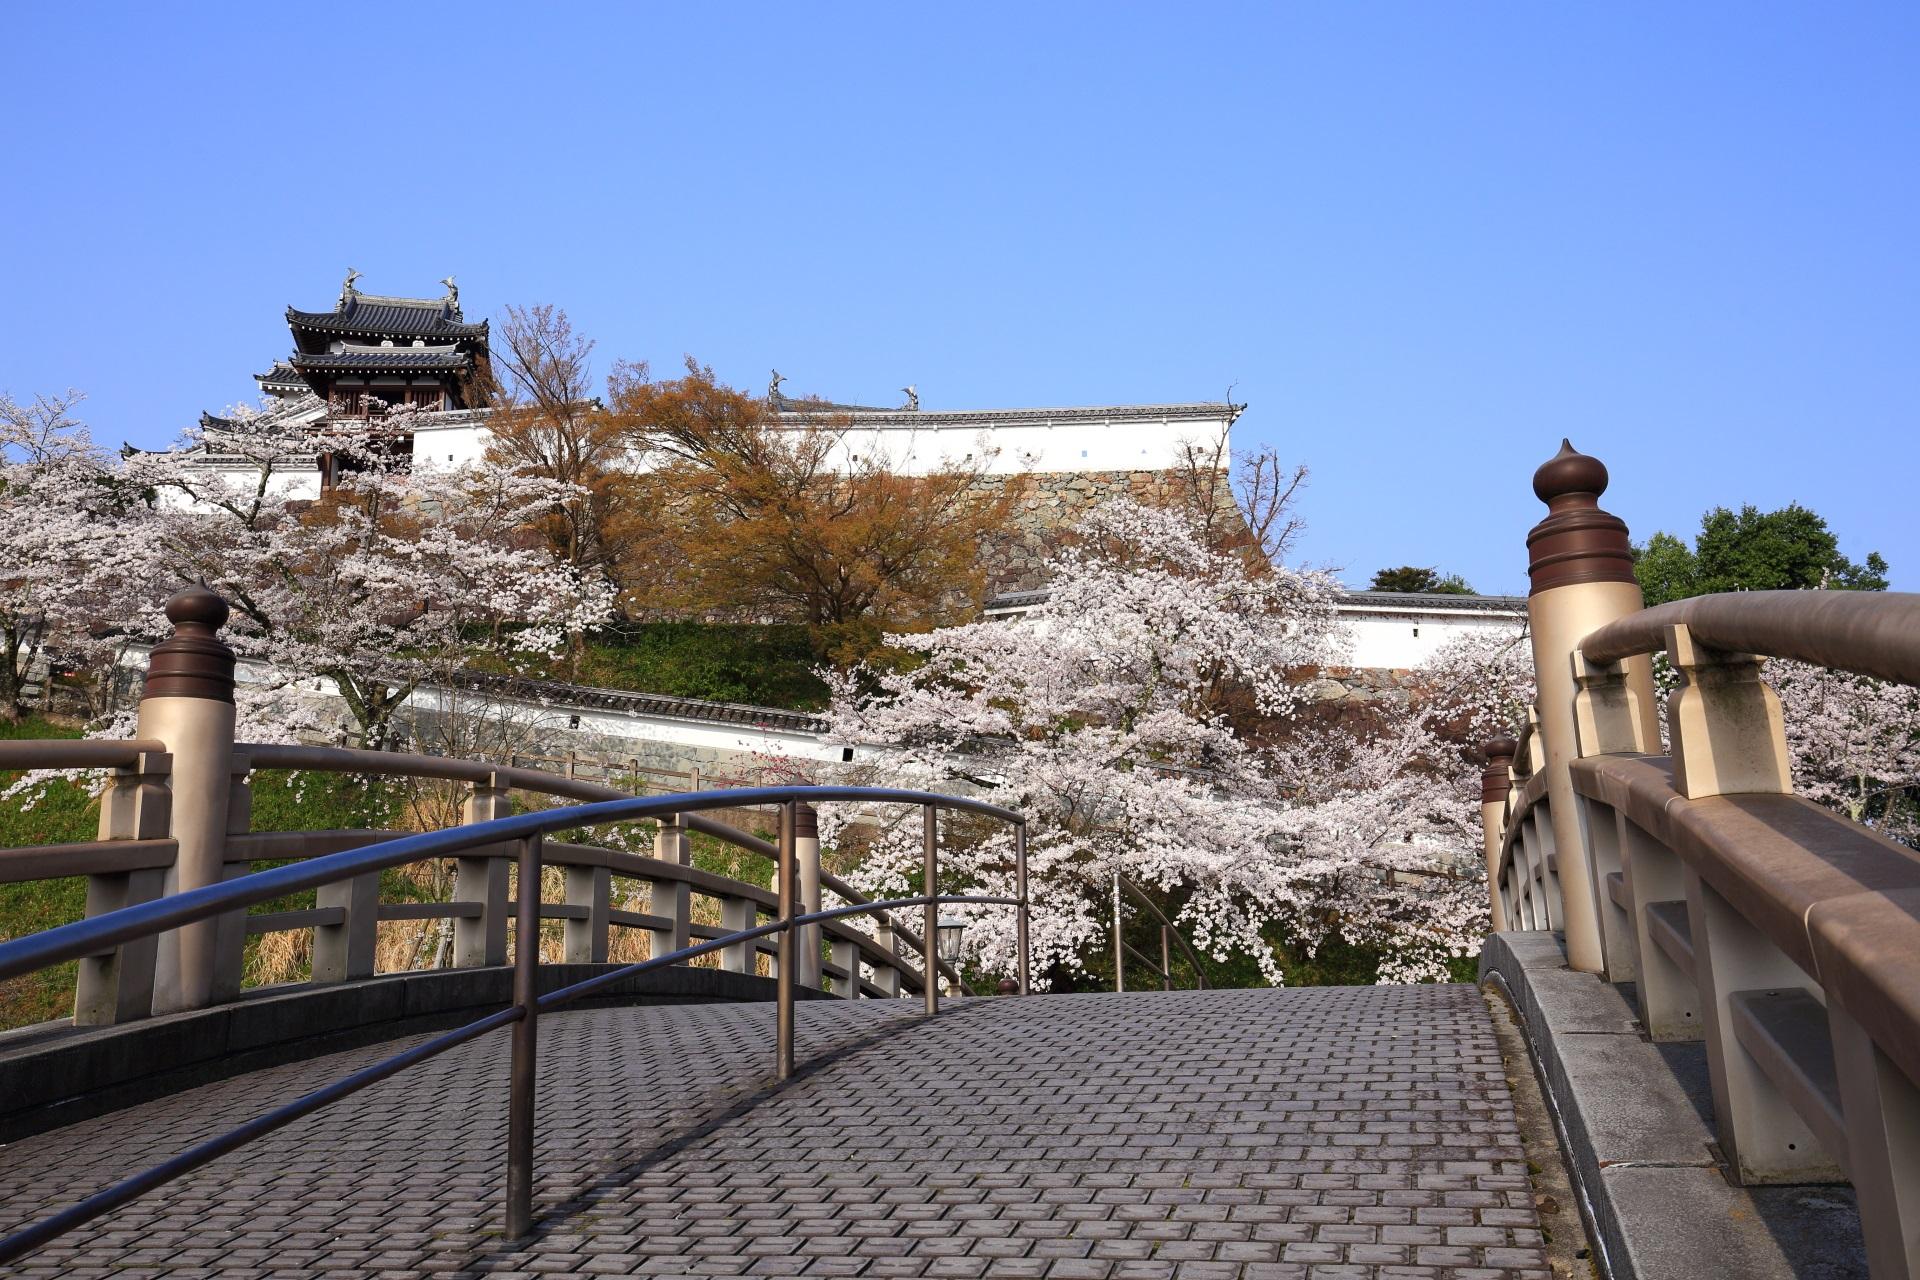 桜の名所の福知山城